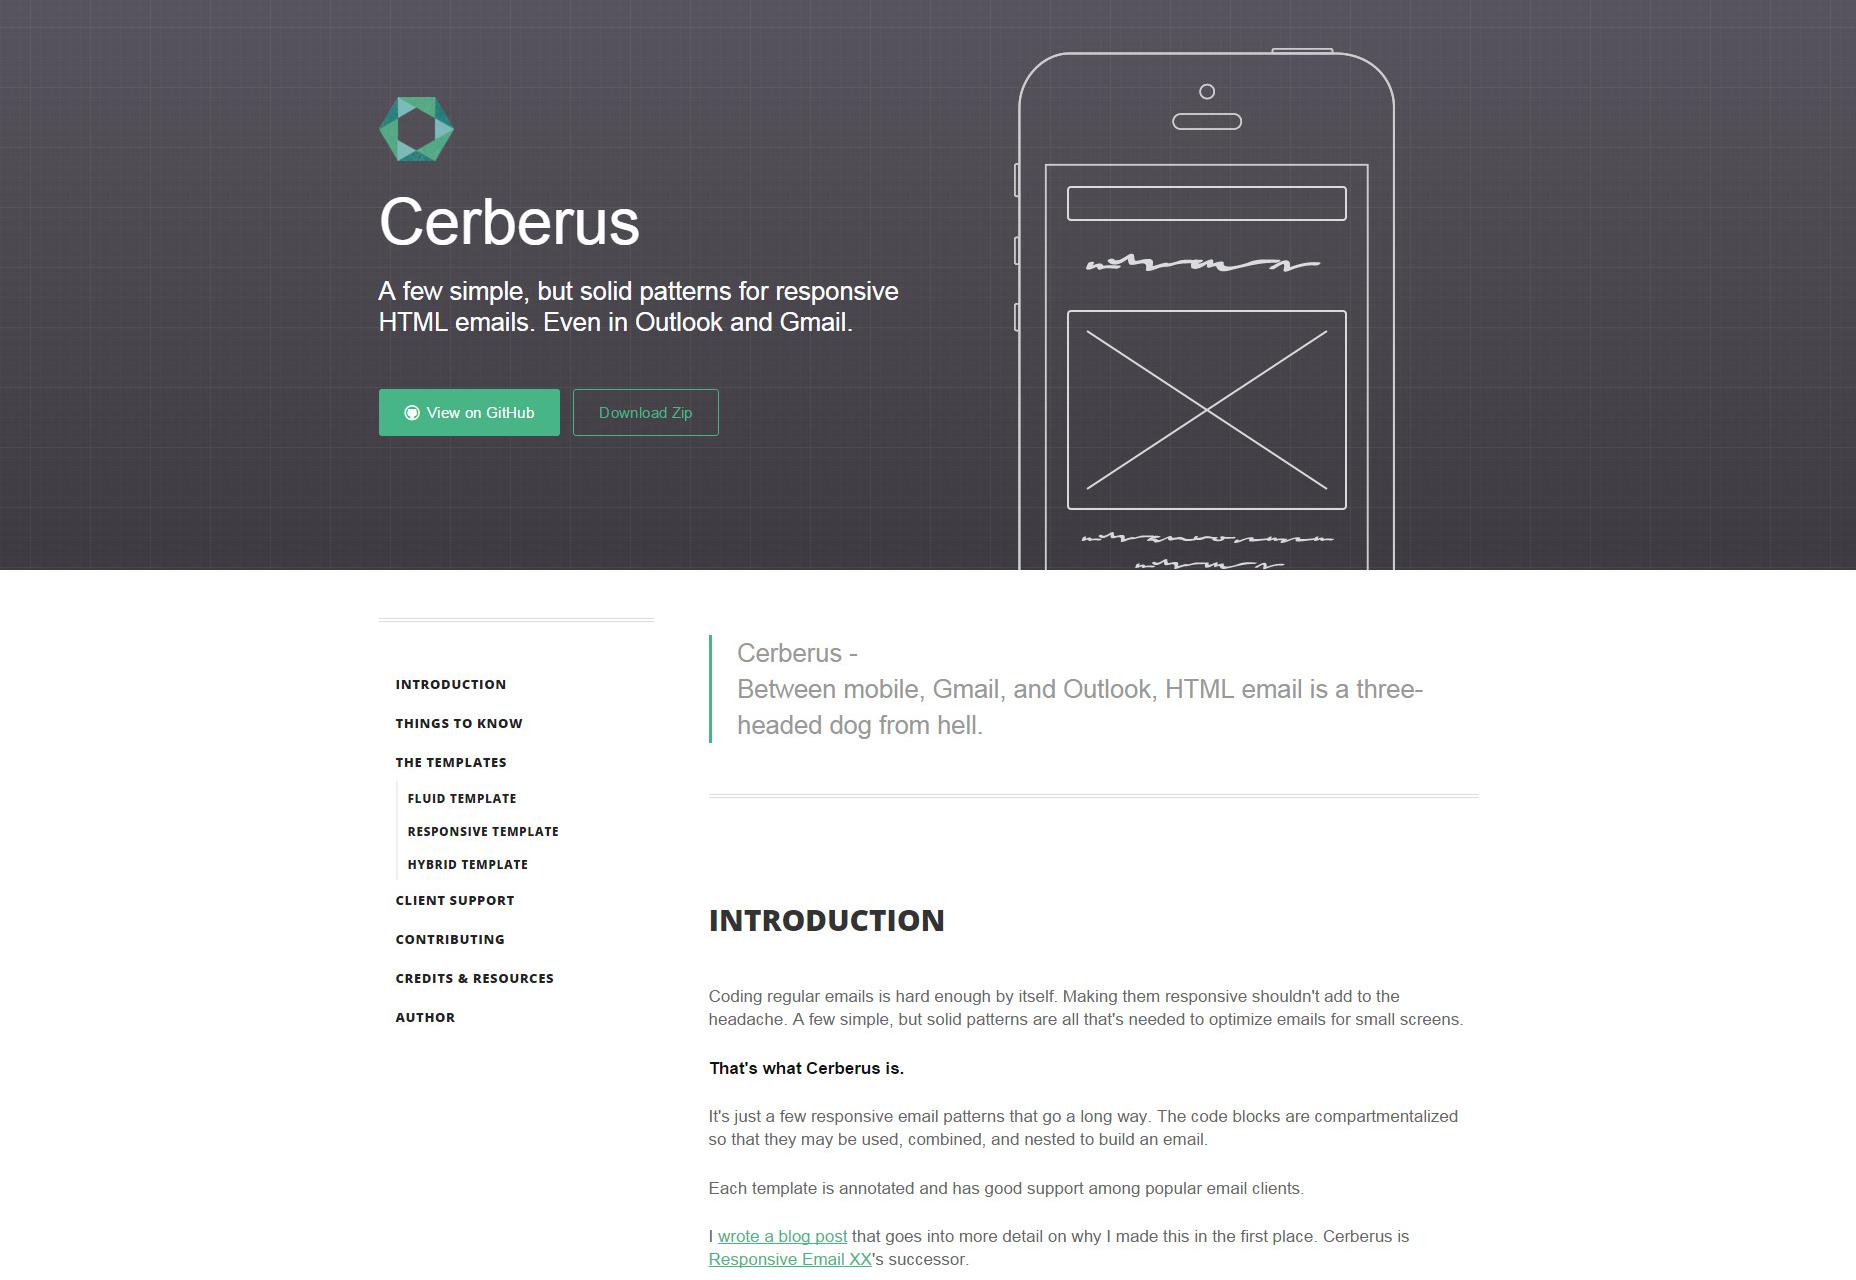 Cerberus: patrones para las plantillas de correo electrónico HTML receptivo